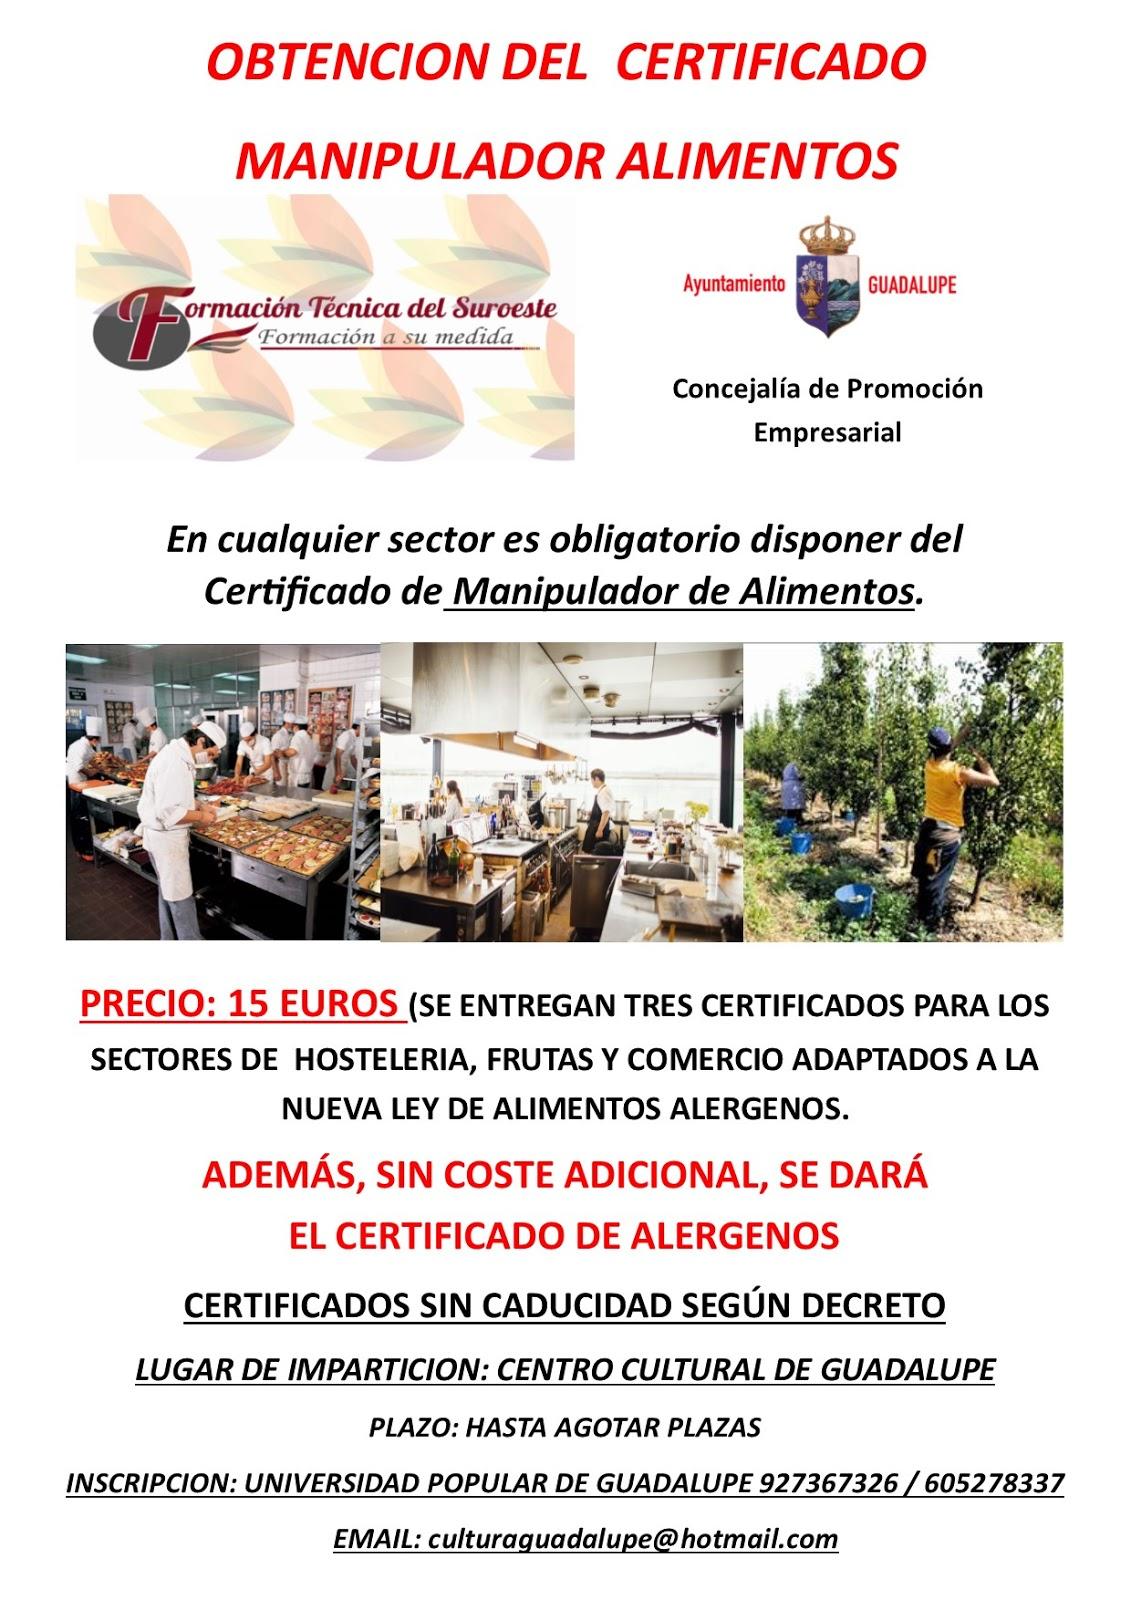 Certificado en manipulador de alimentos 2018 - Guadalupe